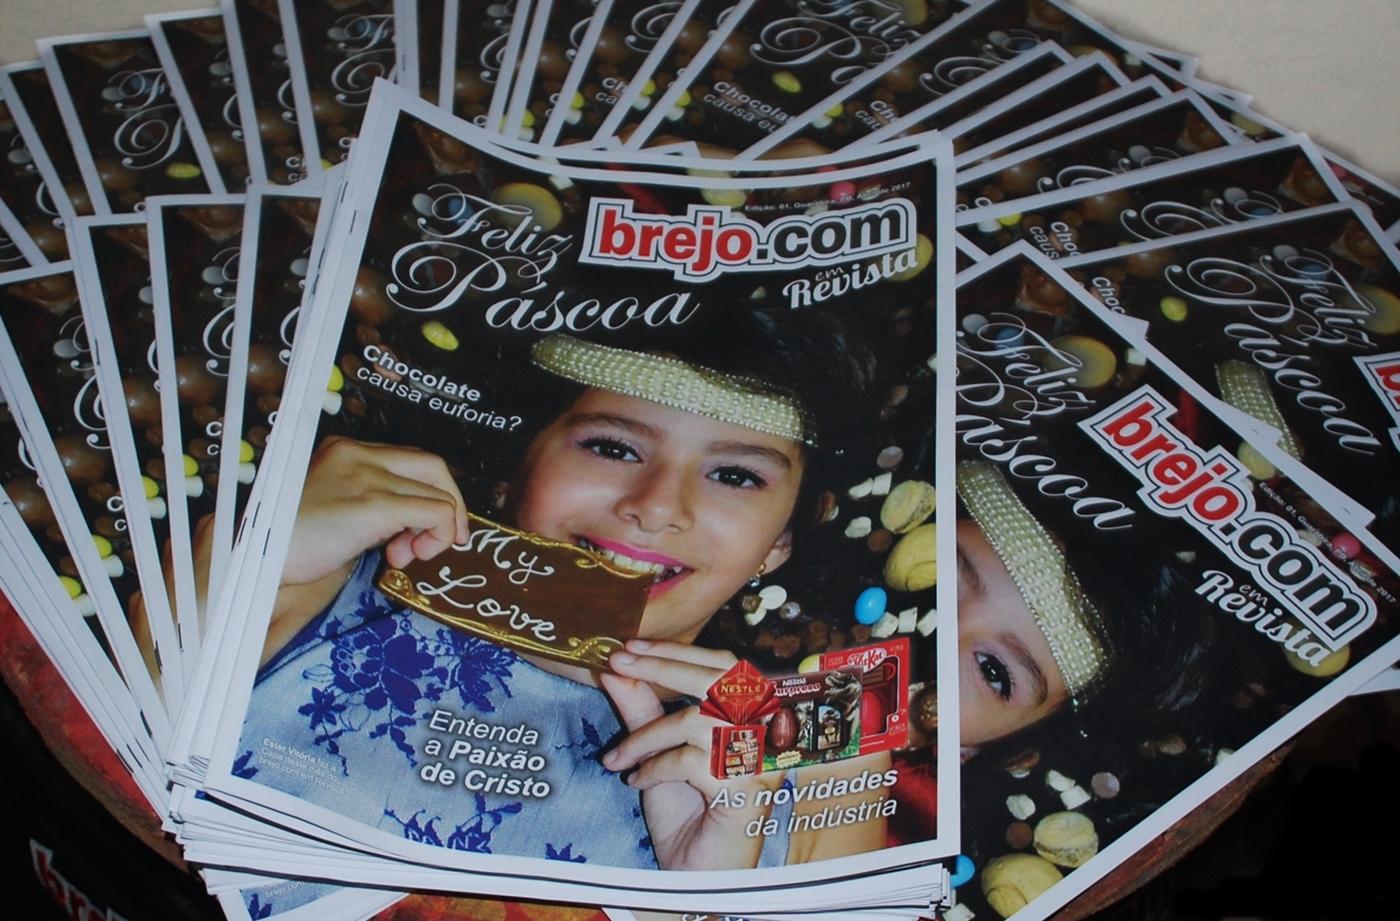 brejo.com_em_Revista__leque_1edicao_de_Pascoa_Abril_de_2017_pra_Materia